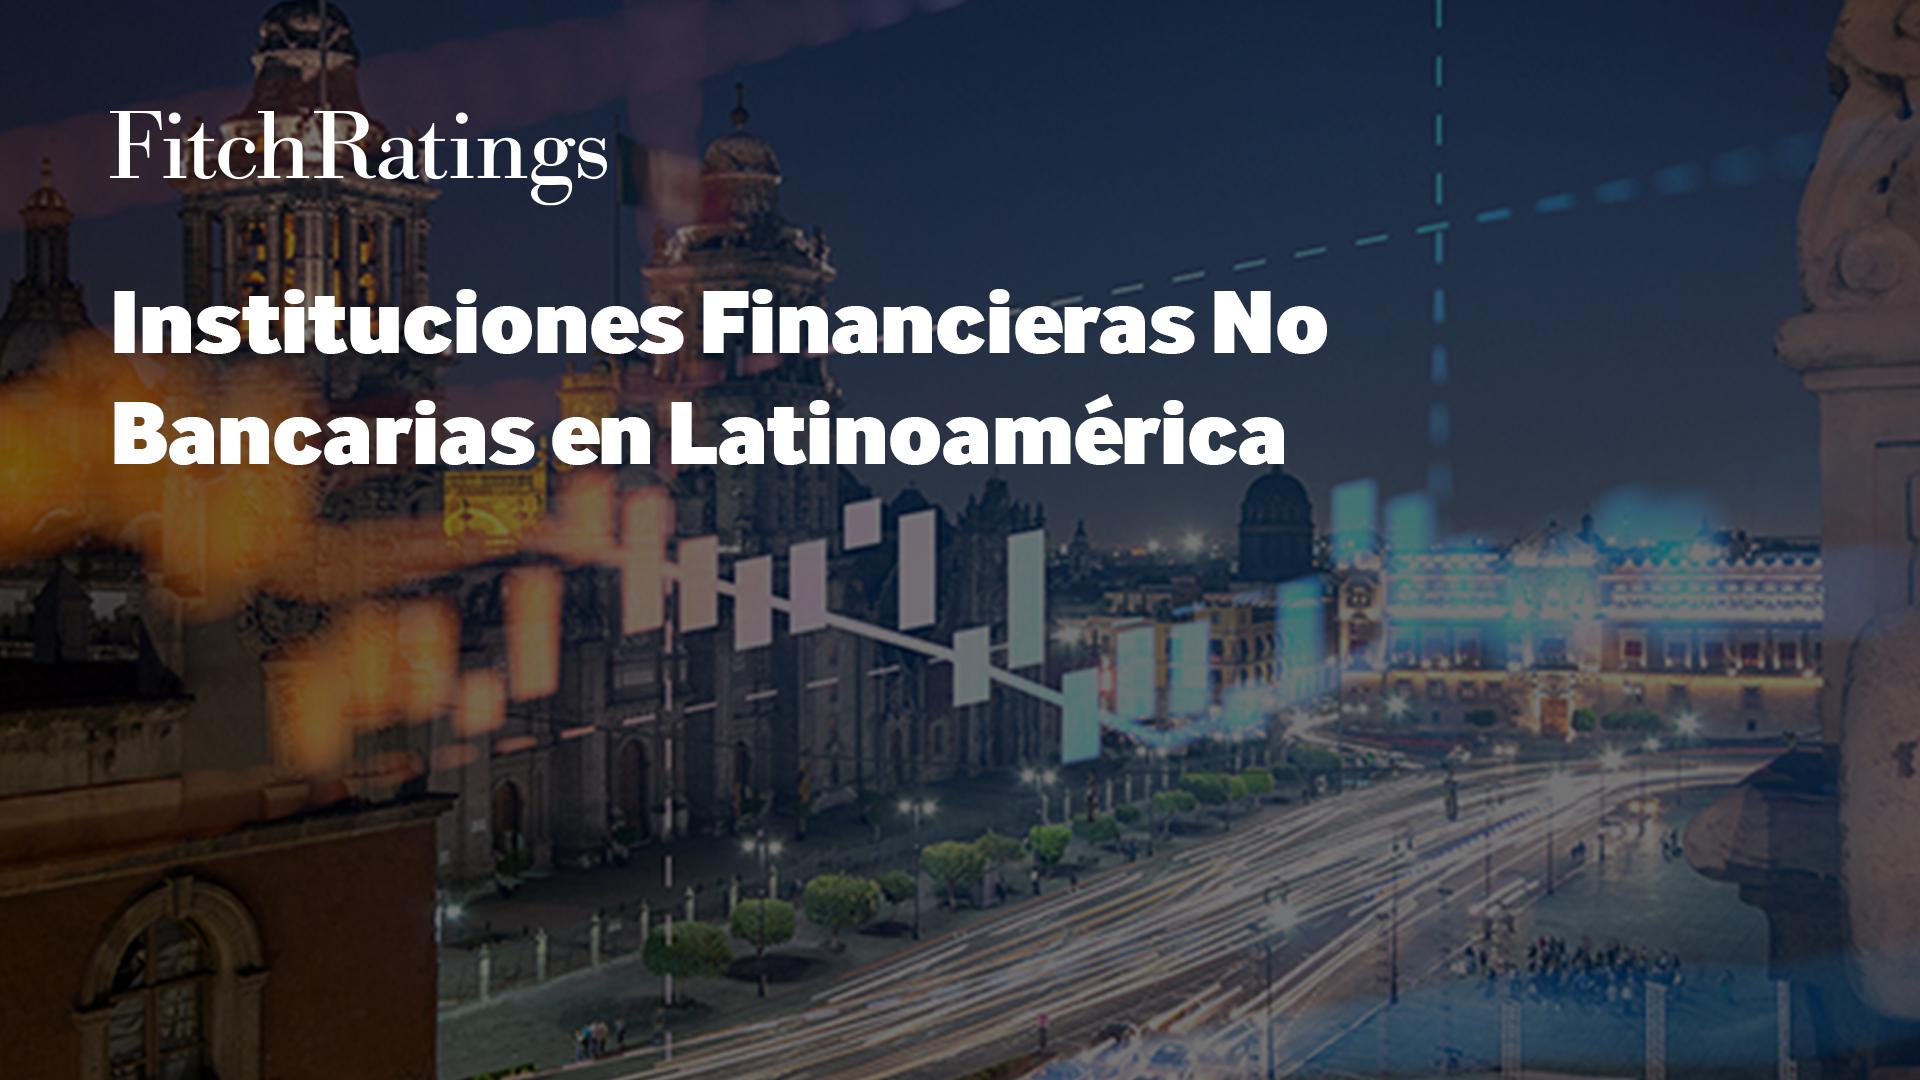 Fitch Ratings en Latinoamérica – Instituciones Financieras No Bancarias